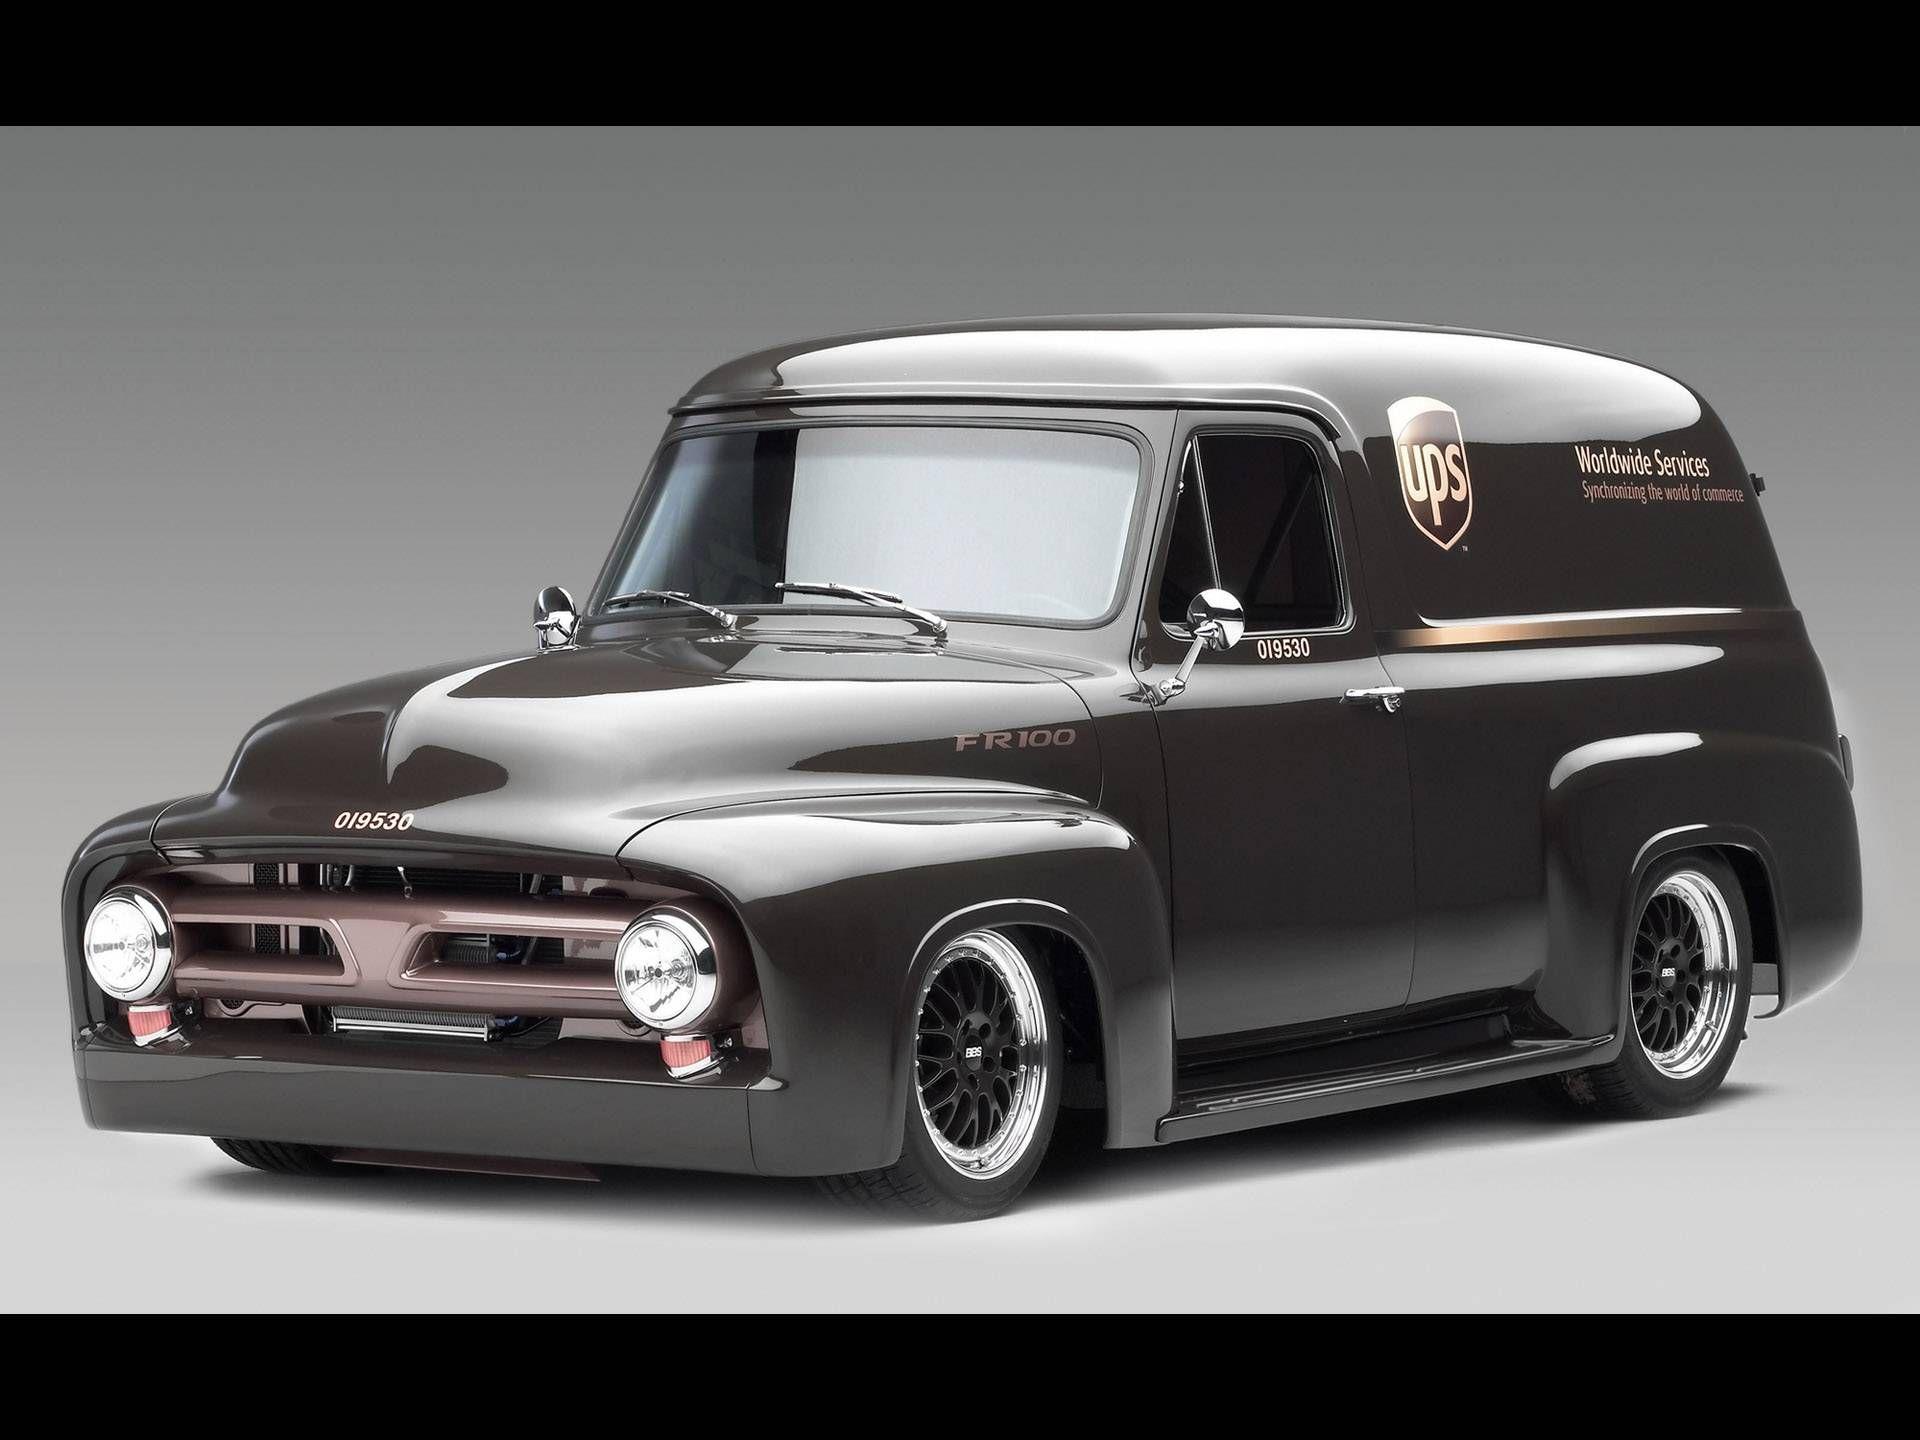 Ford pickup trucks | 1953 Ford FR100 Panel Truck Cammer UPS - Edition. & Ford pickup trucks | 1953 Ford FR100 Panel Truck Cammer UPS ... markmcfarlin.com